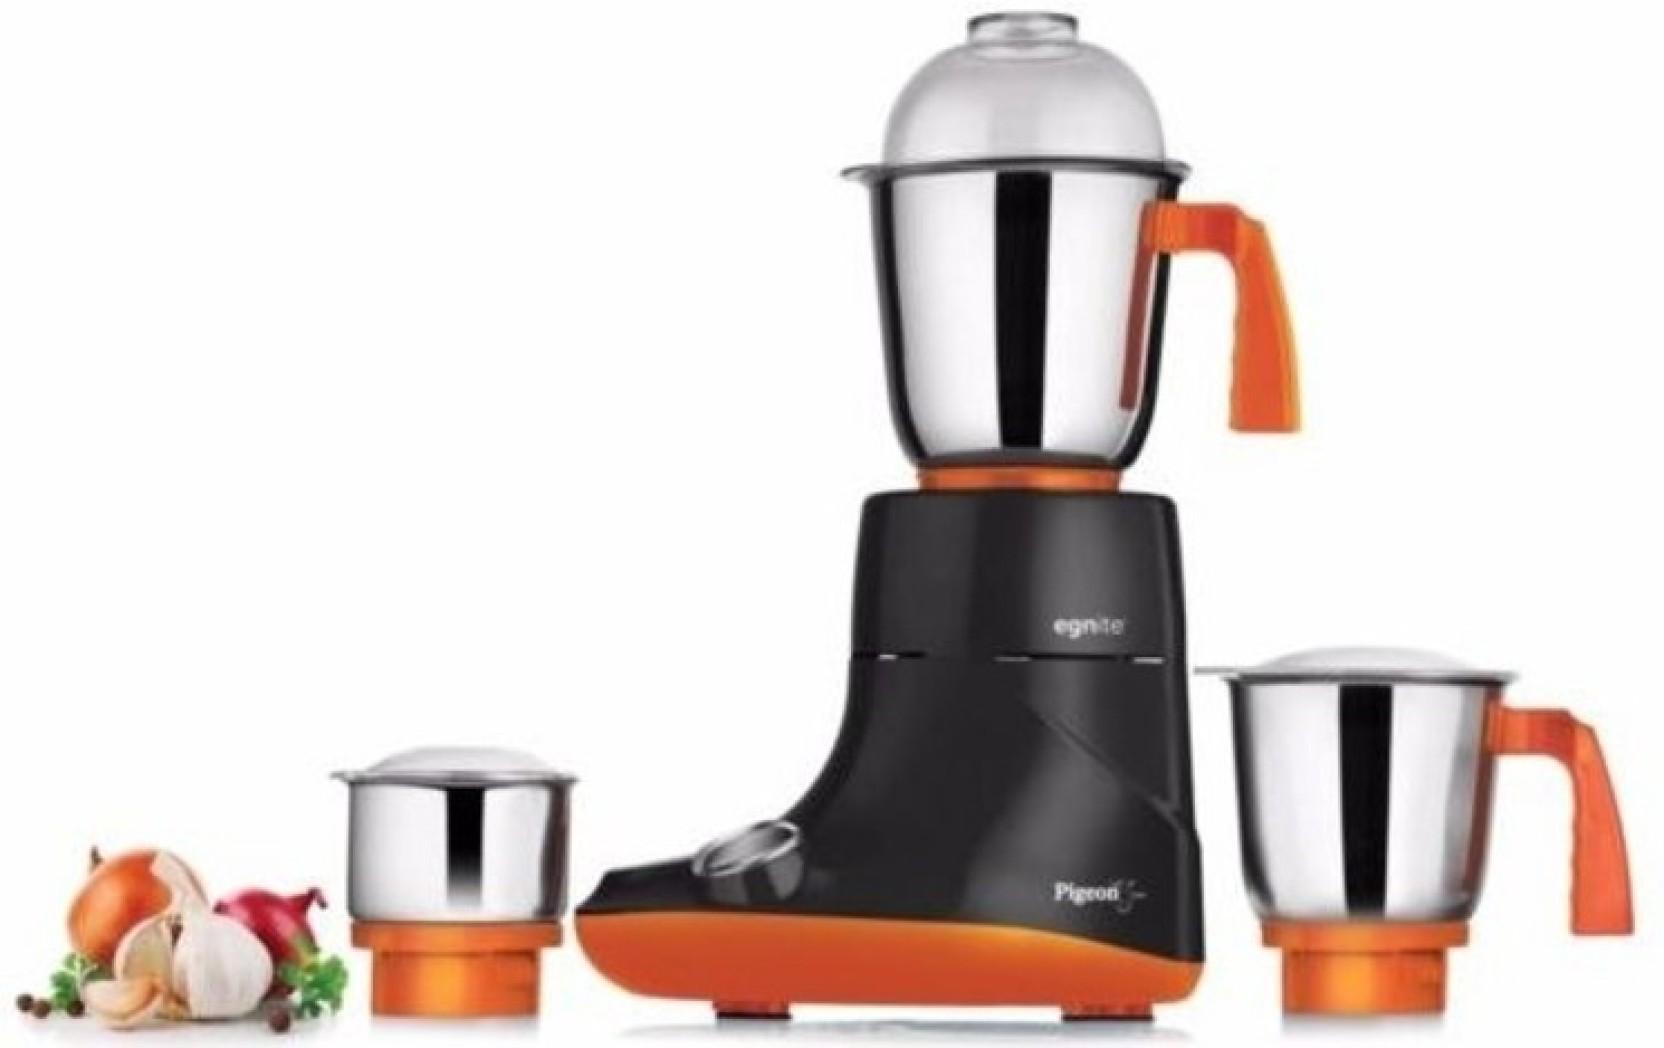 Pigeon Slow Juicer Flipkart : Pigeon Egnite 750 W Mixer Grinder Price in India - Buy Pigeon Egnite 750 W Mixer Grinder Online ...